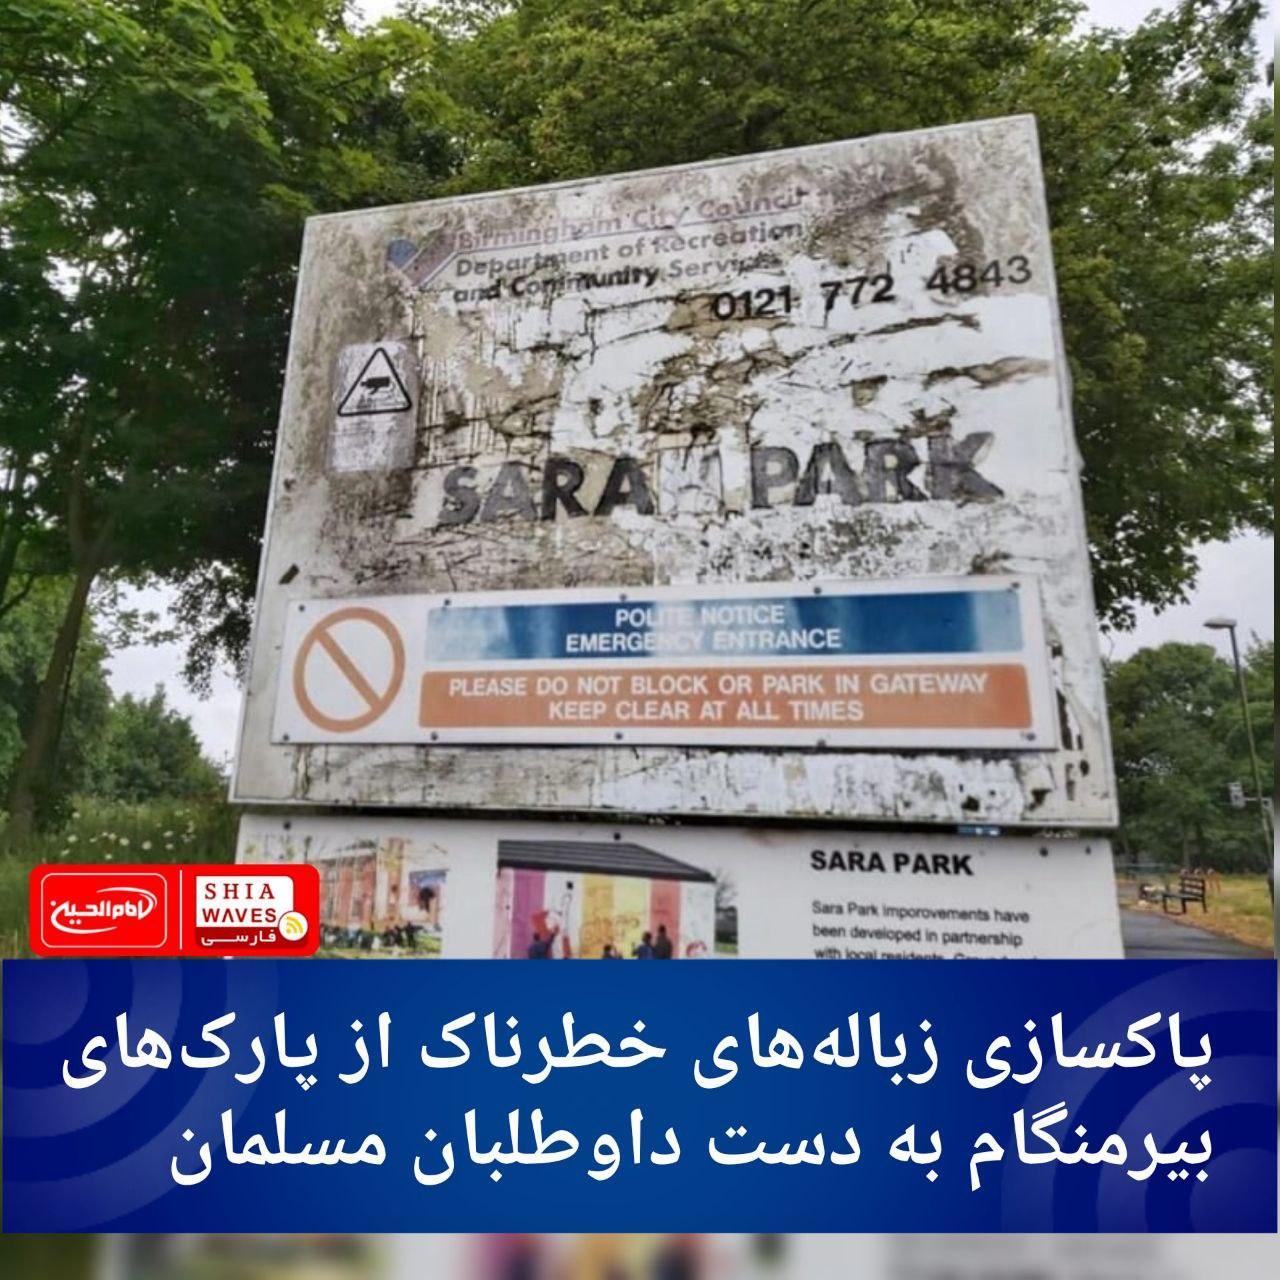 تصویر پاکسازی زبالههای خطرناک از پارکهای بیرمنگام به دست داوطلبان مسلمان